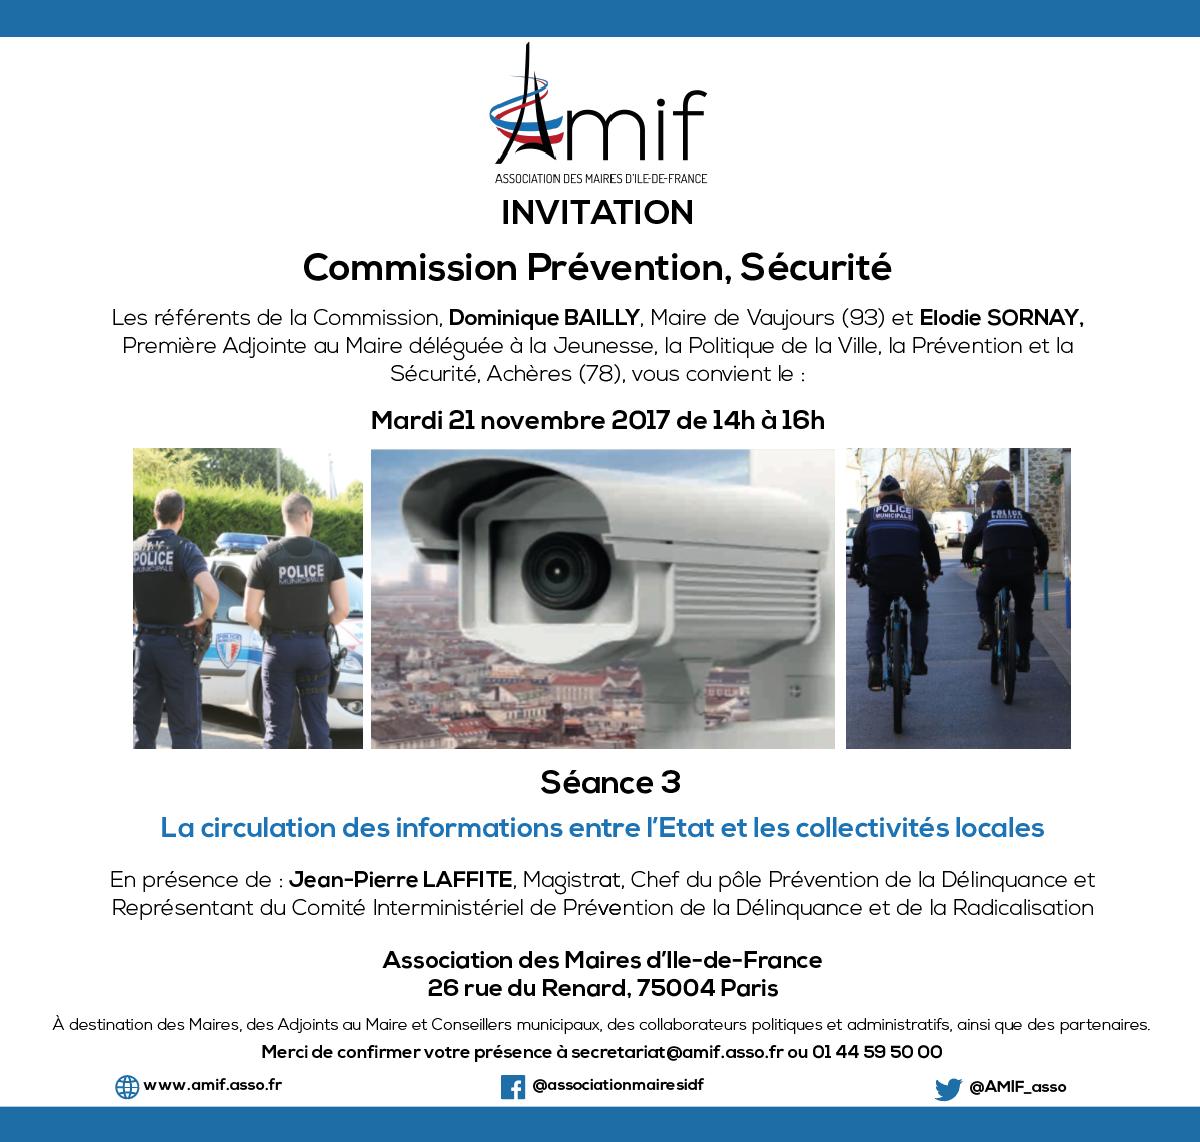 Commission Prévention, sécurité - Séance 3 - Mardi 21 novembre 2017 - 14h-16h